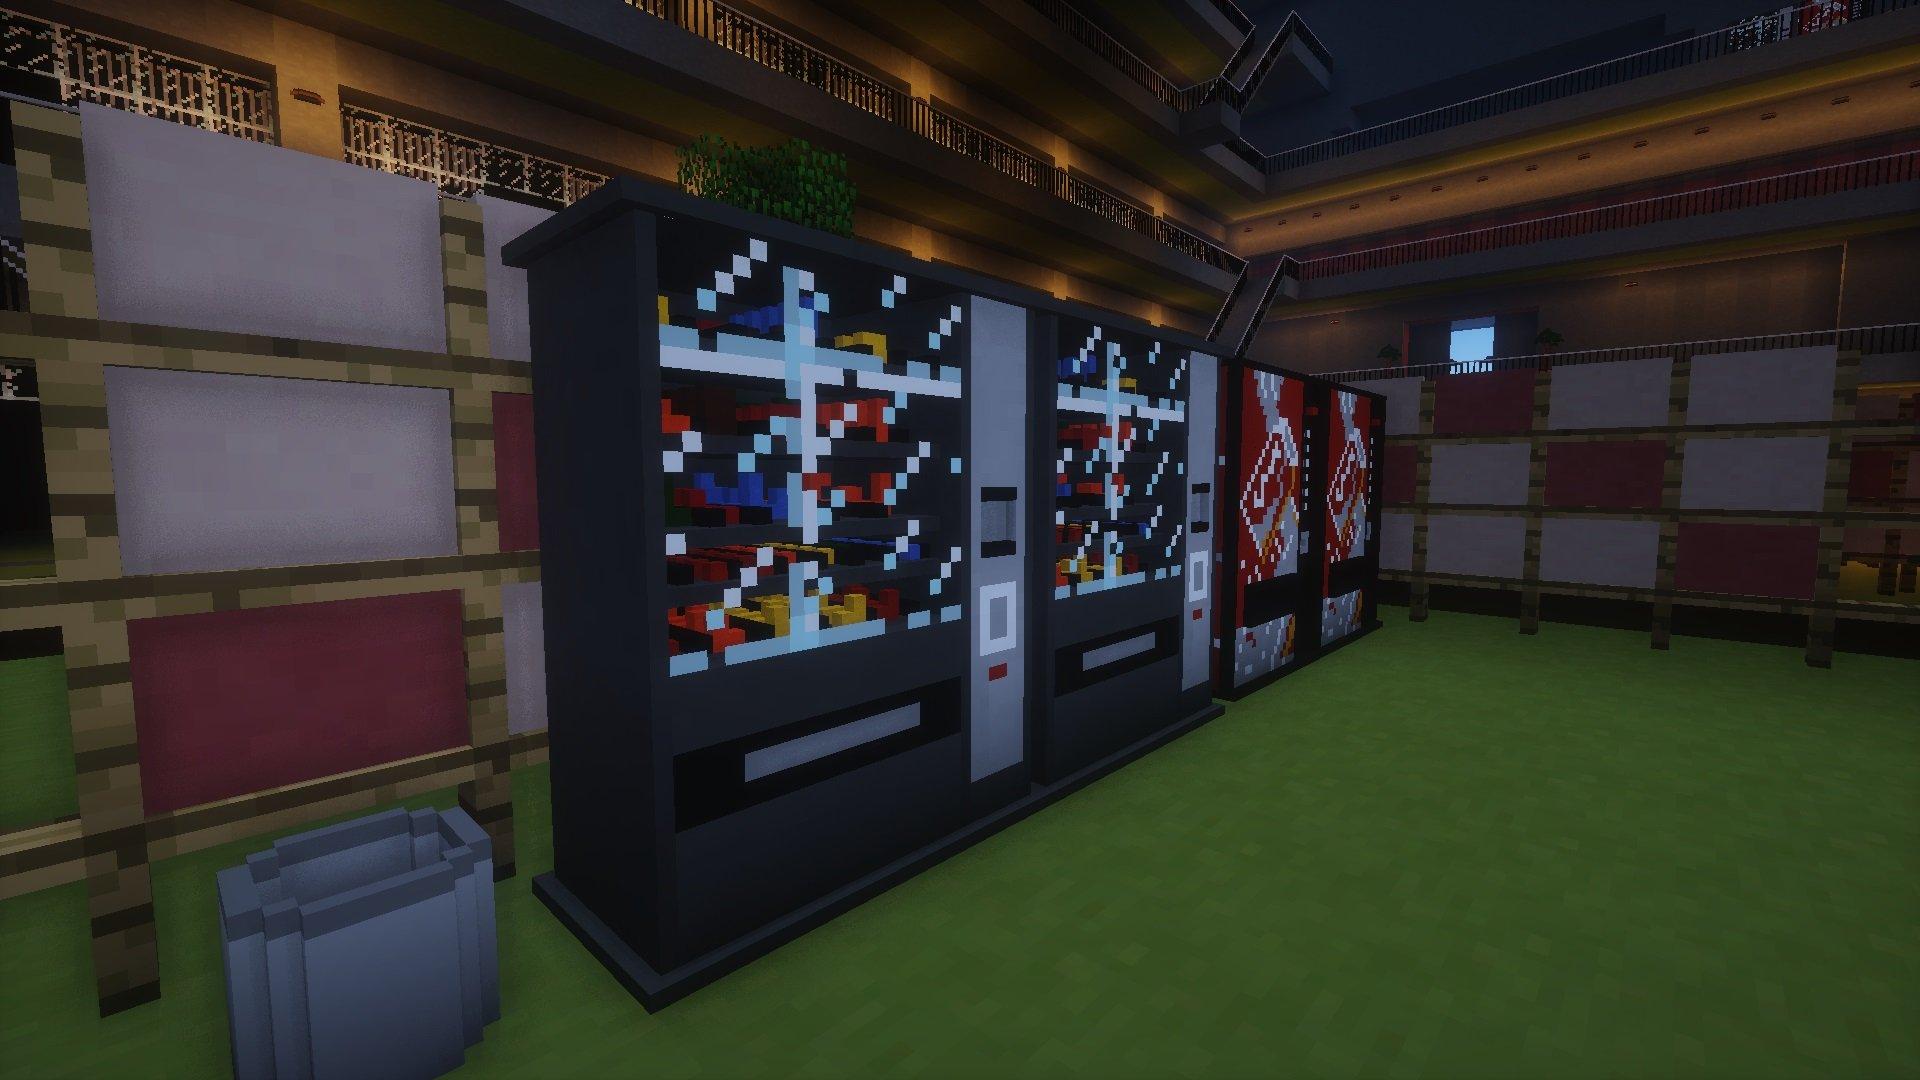 Automat z napojami zbudowany z mikro bloków